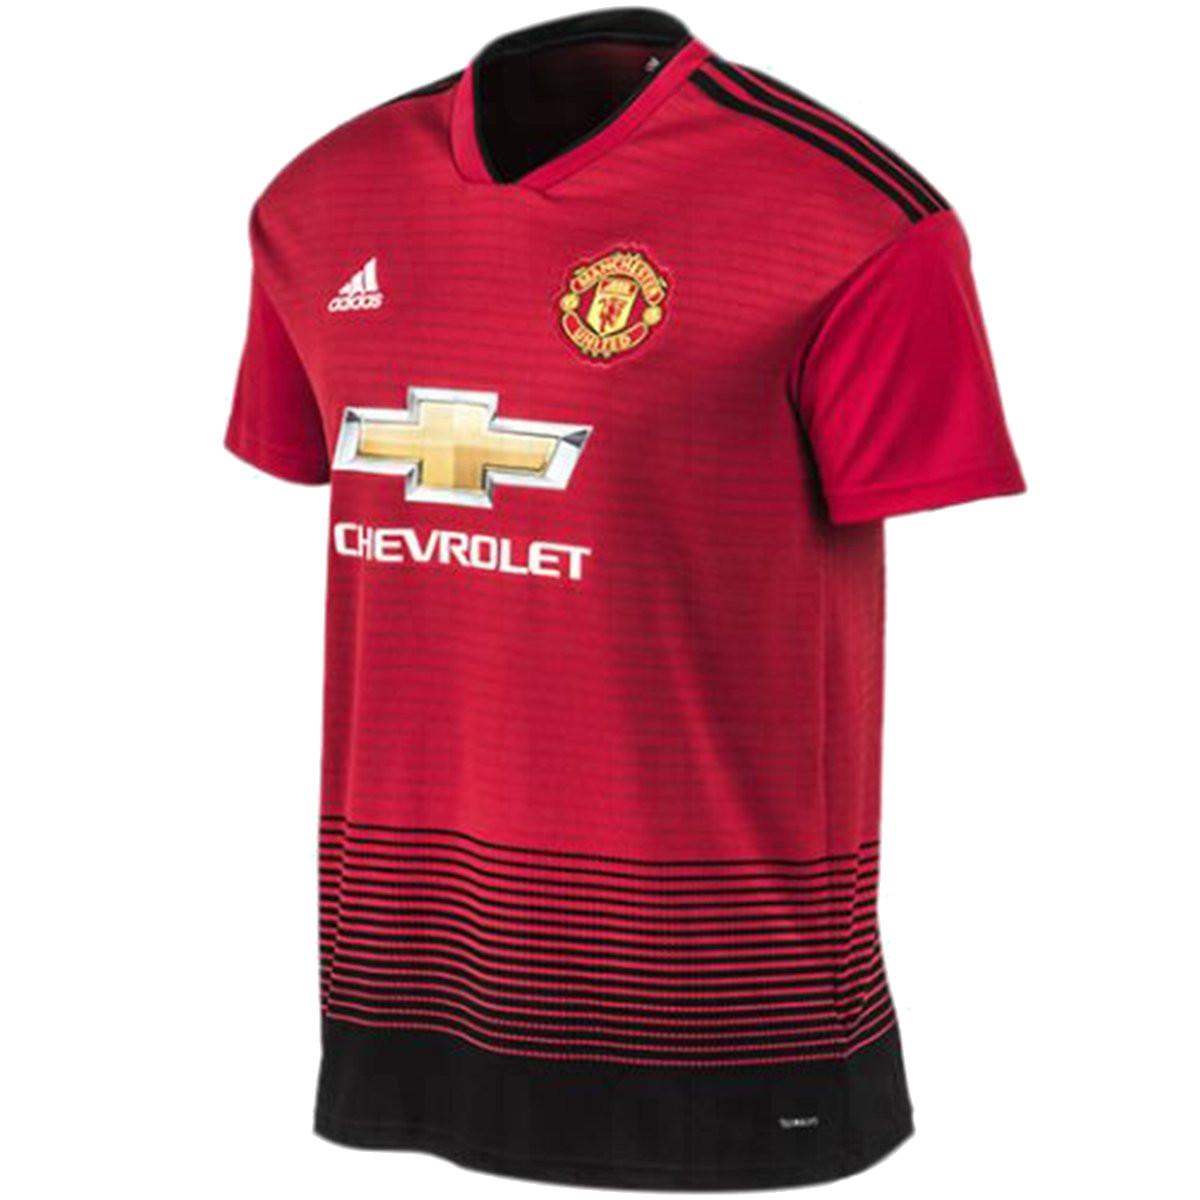 les nouveaux maillots manchester united 18 19 par adidas maillots foot actu. Black Bedroom Furniture Sets. Home Design Ideas